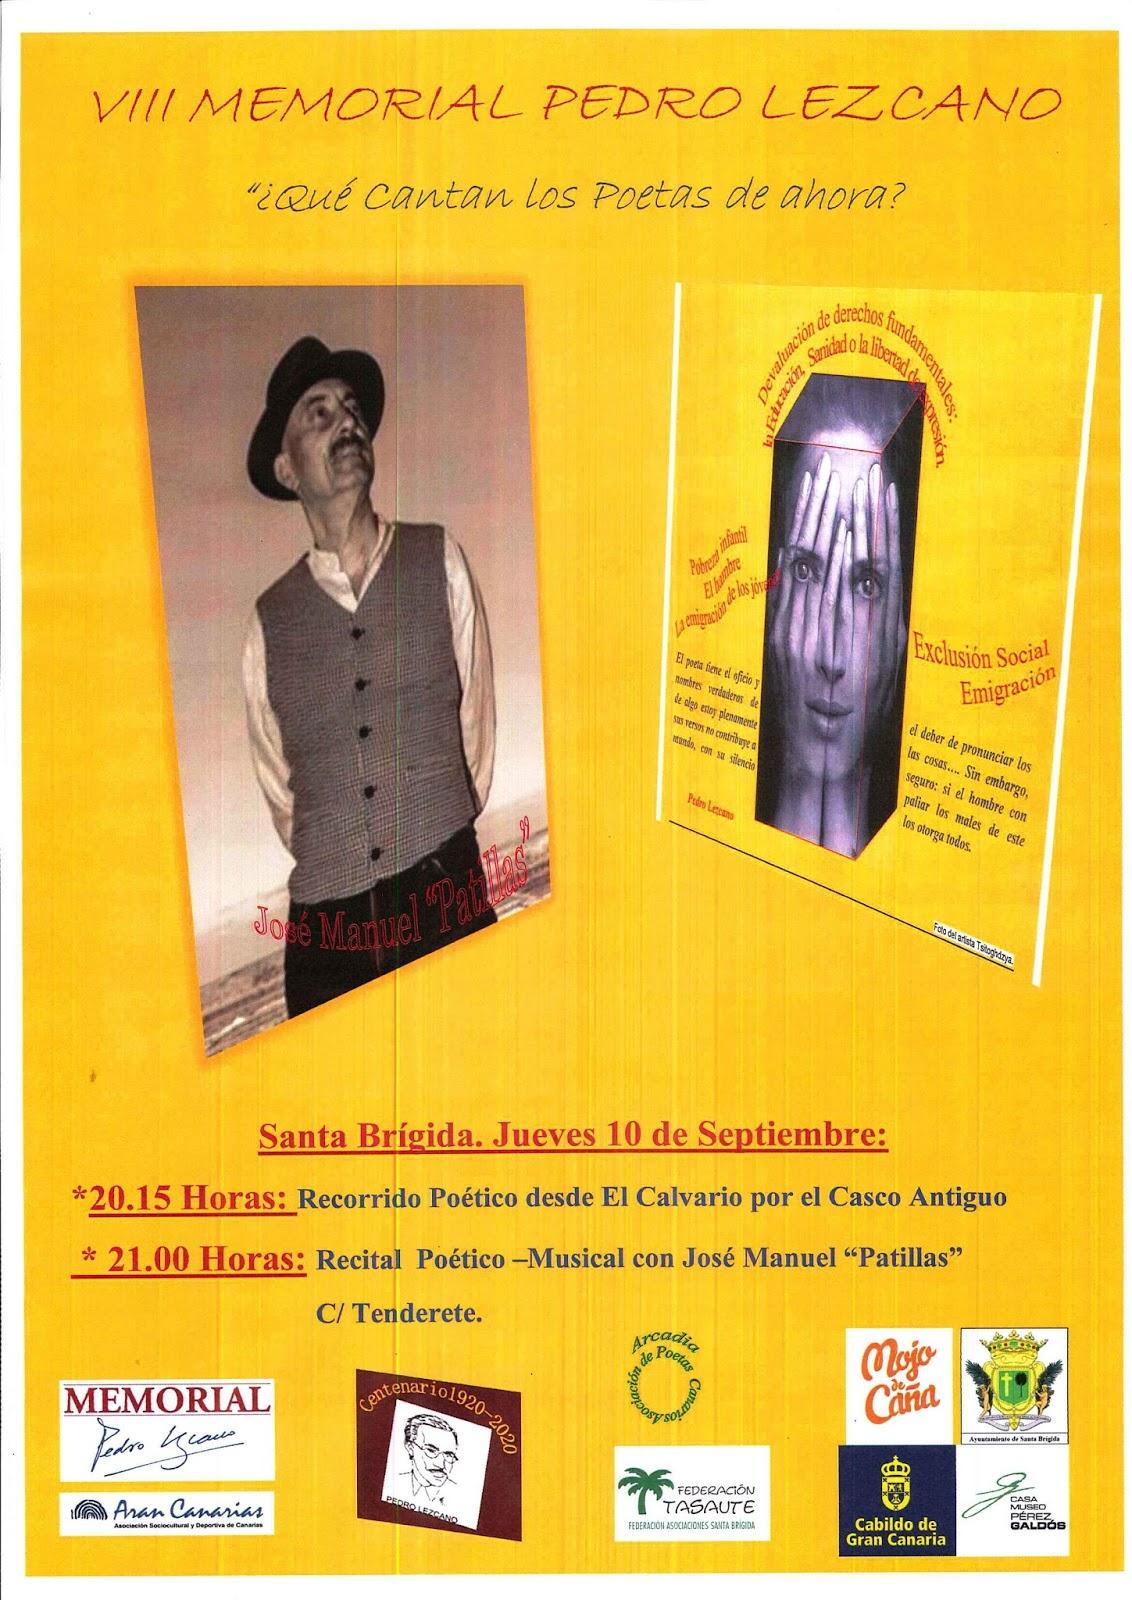 Cartel Patillas VIII MEMORIAL PEDRO LEZCANO